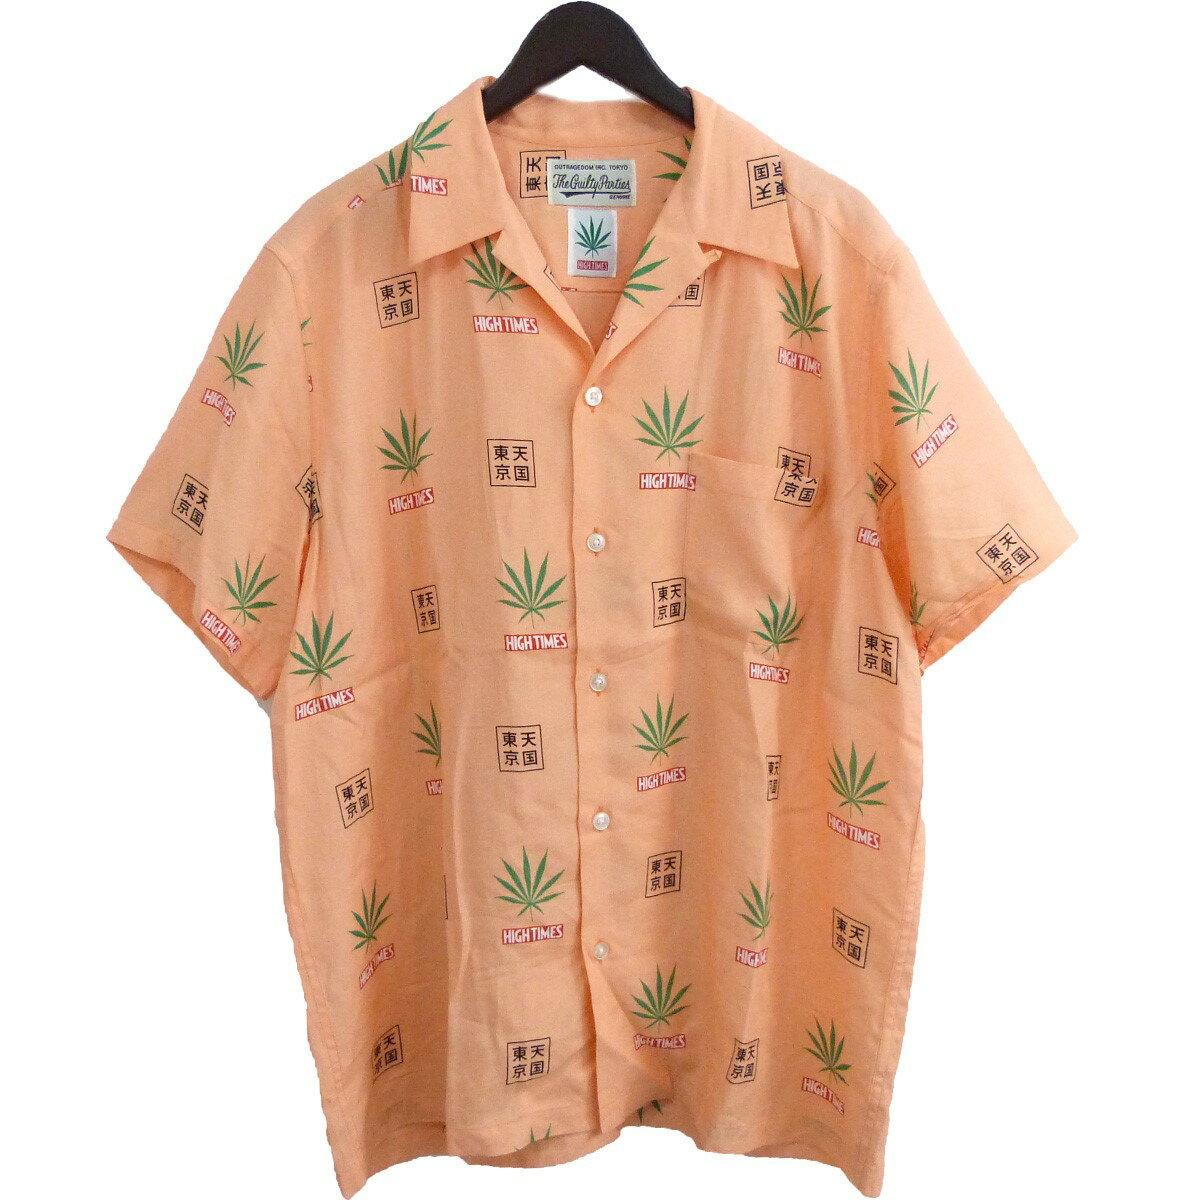 トップス, カジュアルシャツ WACKO MARIAHIGH TIMES 20SSHAWAIIAN SHIRT L 270820